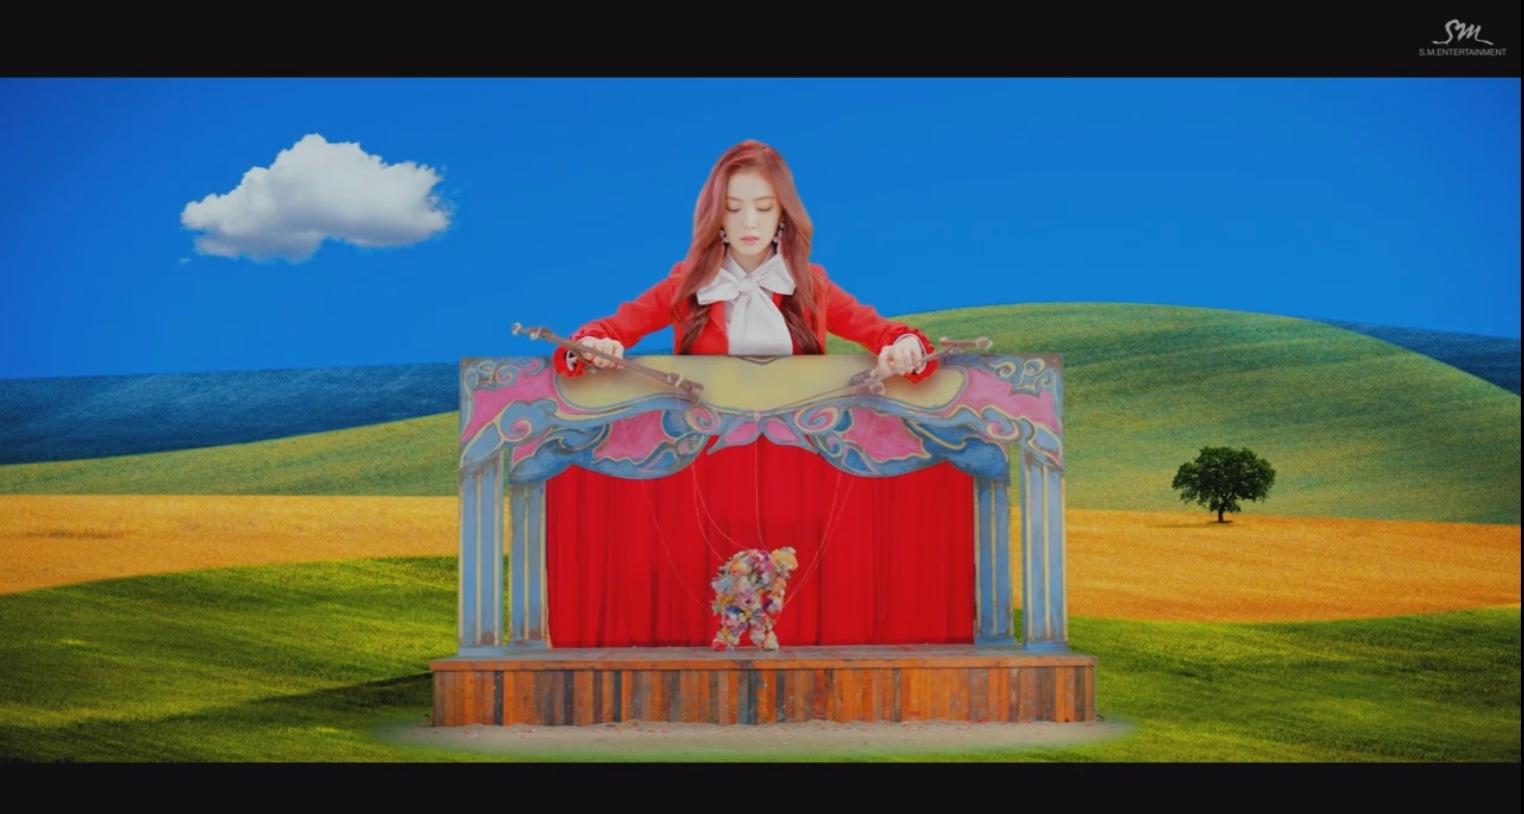 而《ROOKIE》的MV那時也被網友神解讀,從提線木偶到像是Windows XP的山丘藍天背景,都是在嘲諷前韓國總統朴槿惠。 提線木偶是指被崔順實操控的朴槿惠,而XP的山丘藍天背景是在2001年10月25日推出,朴槿惠則是在去年的10月25日道歉。而畫面中的花人也給人在鞠躬道歉的錯覺啊! 這樣看下來真的感覺到雞皮疙瘩!